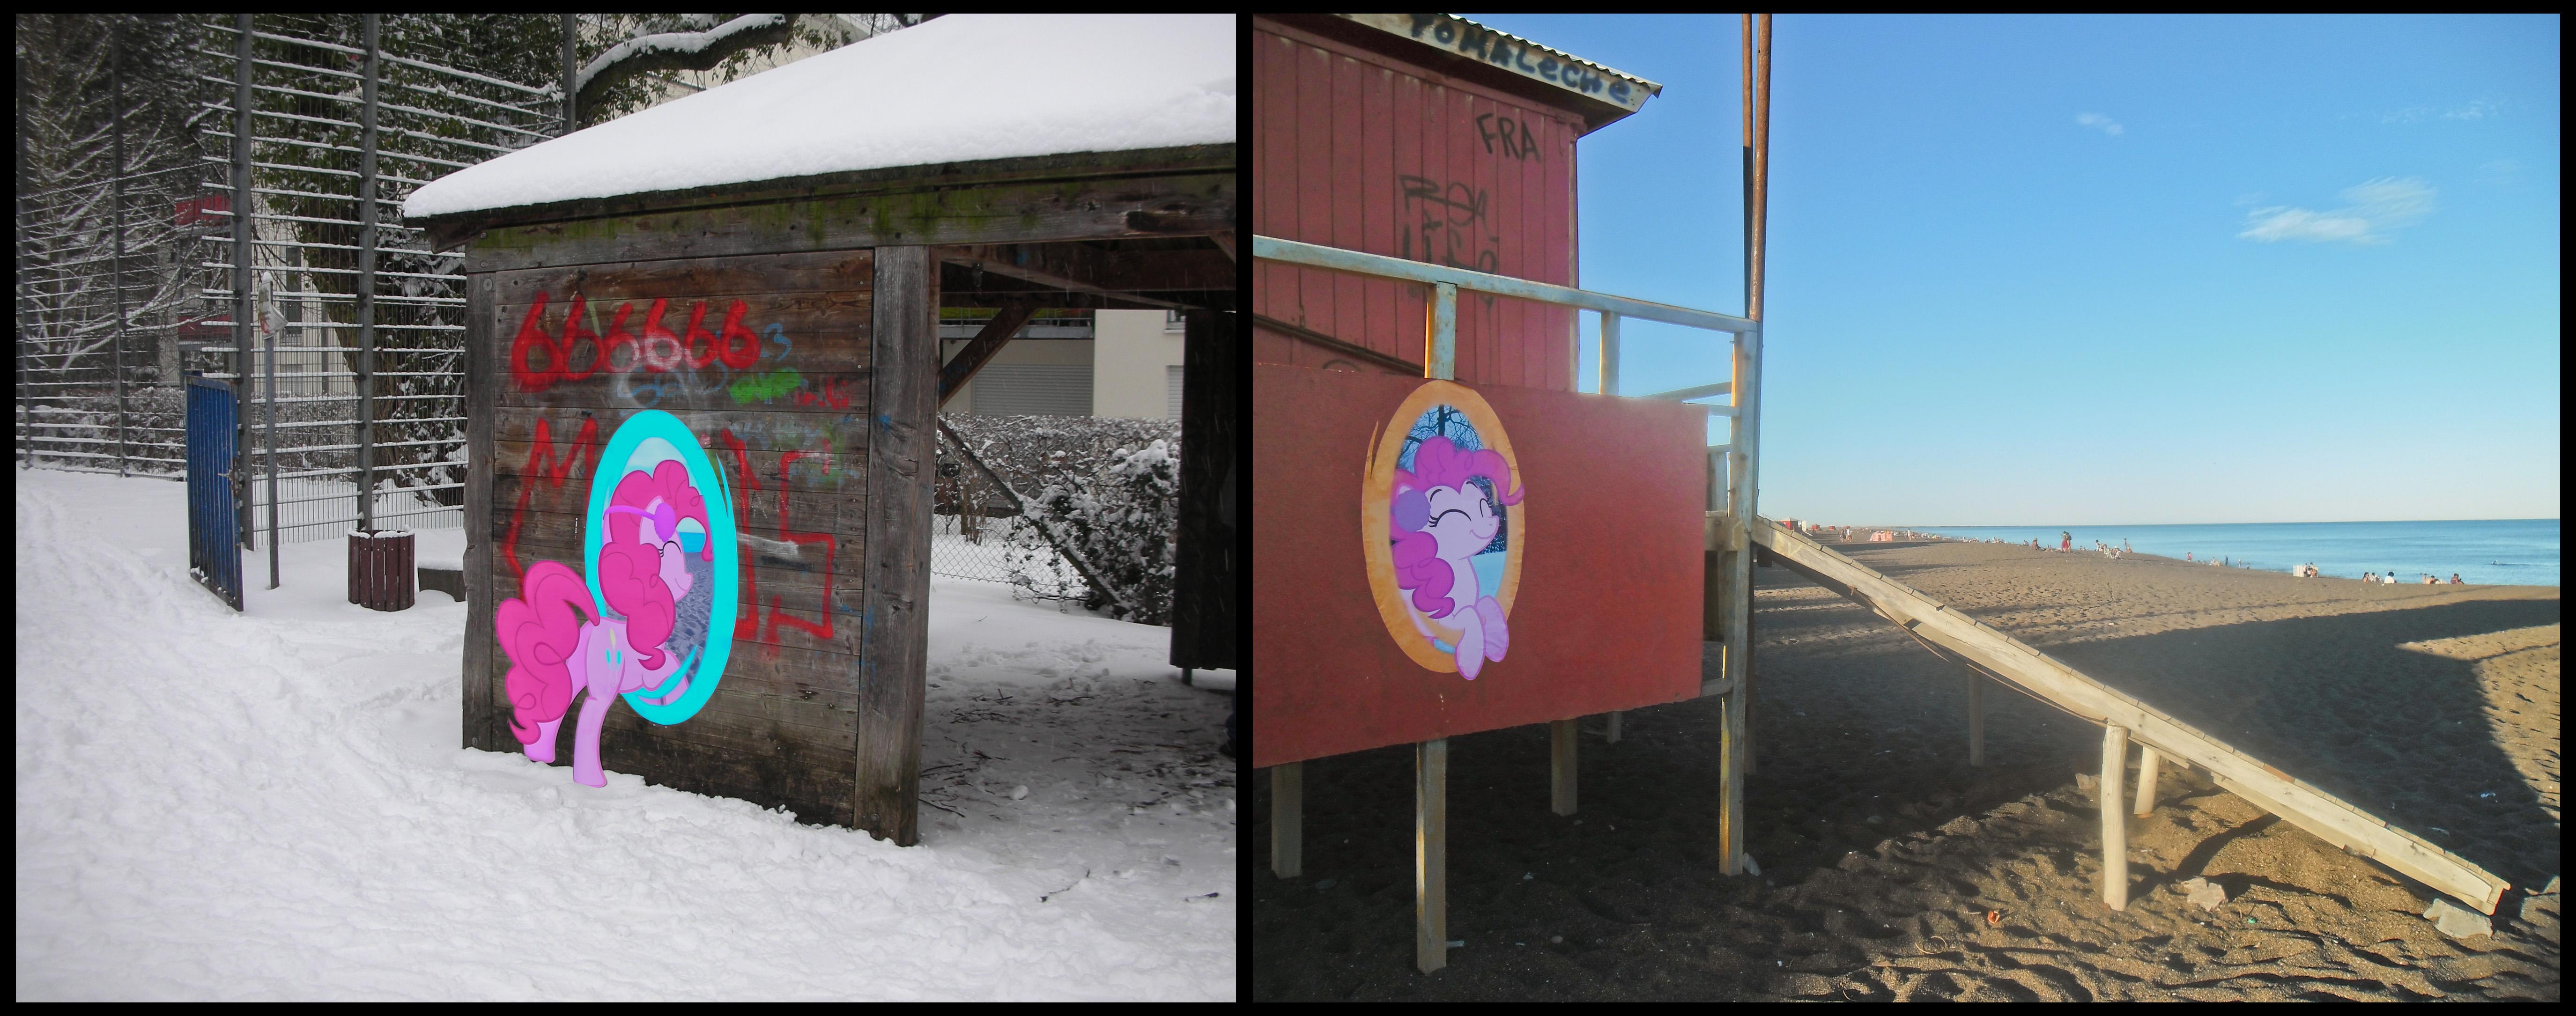 Pinkie Pie portals around the world